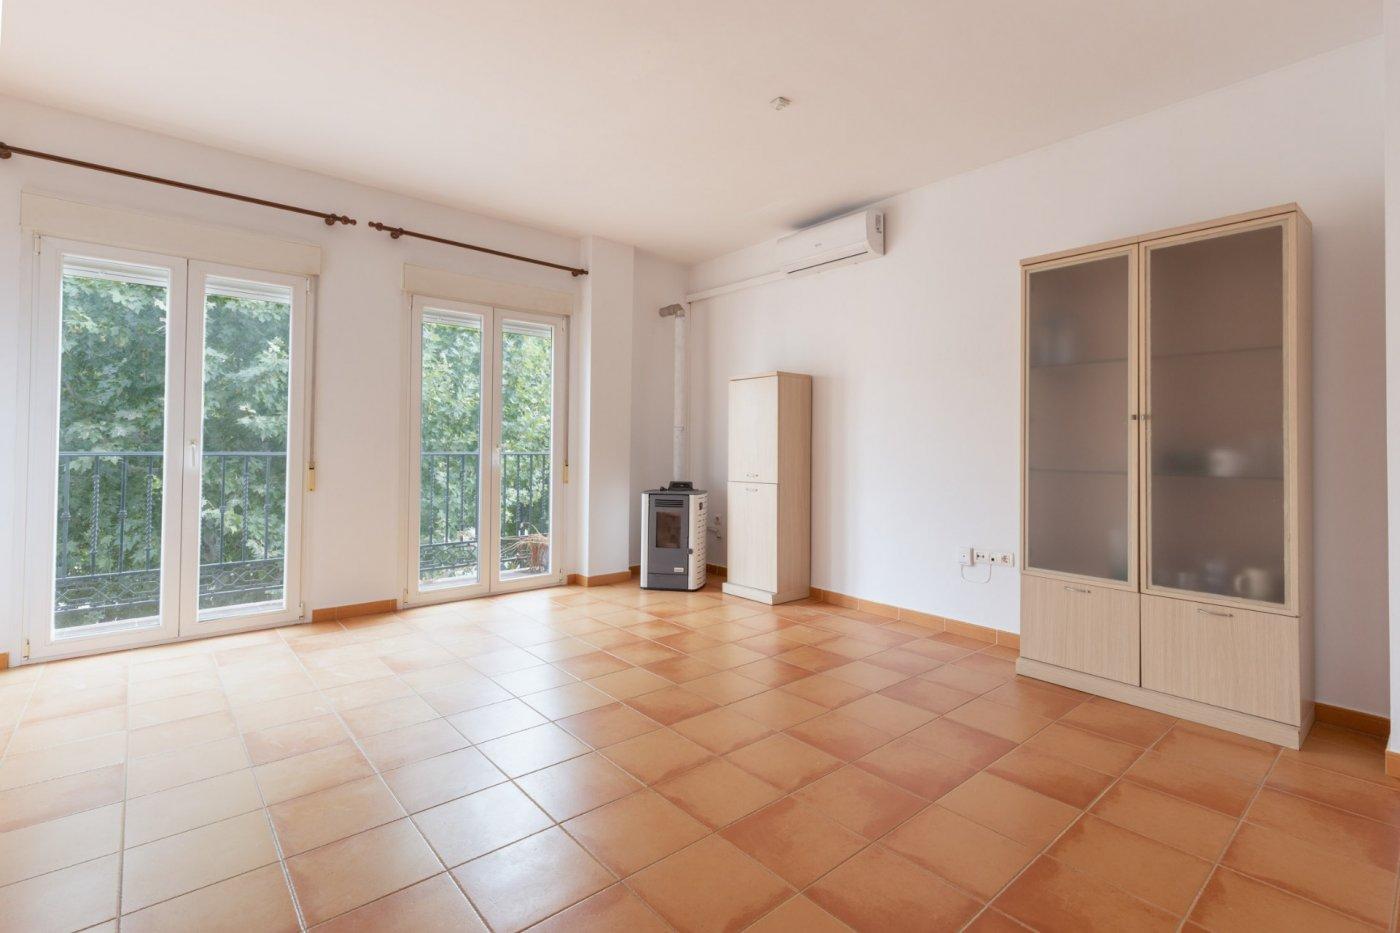 Espectacular piso de tres dormitorios en el centro de cúllar vega